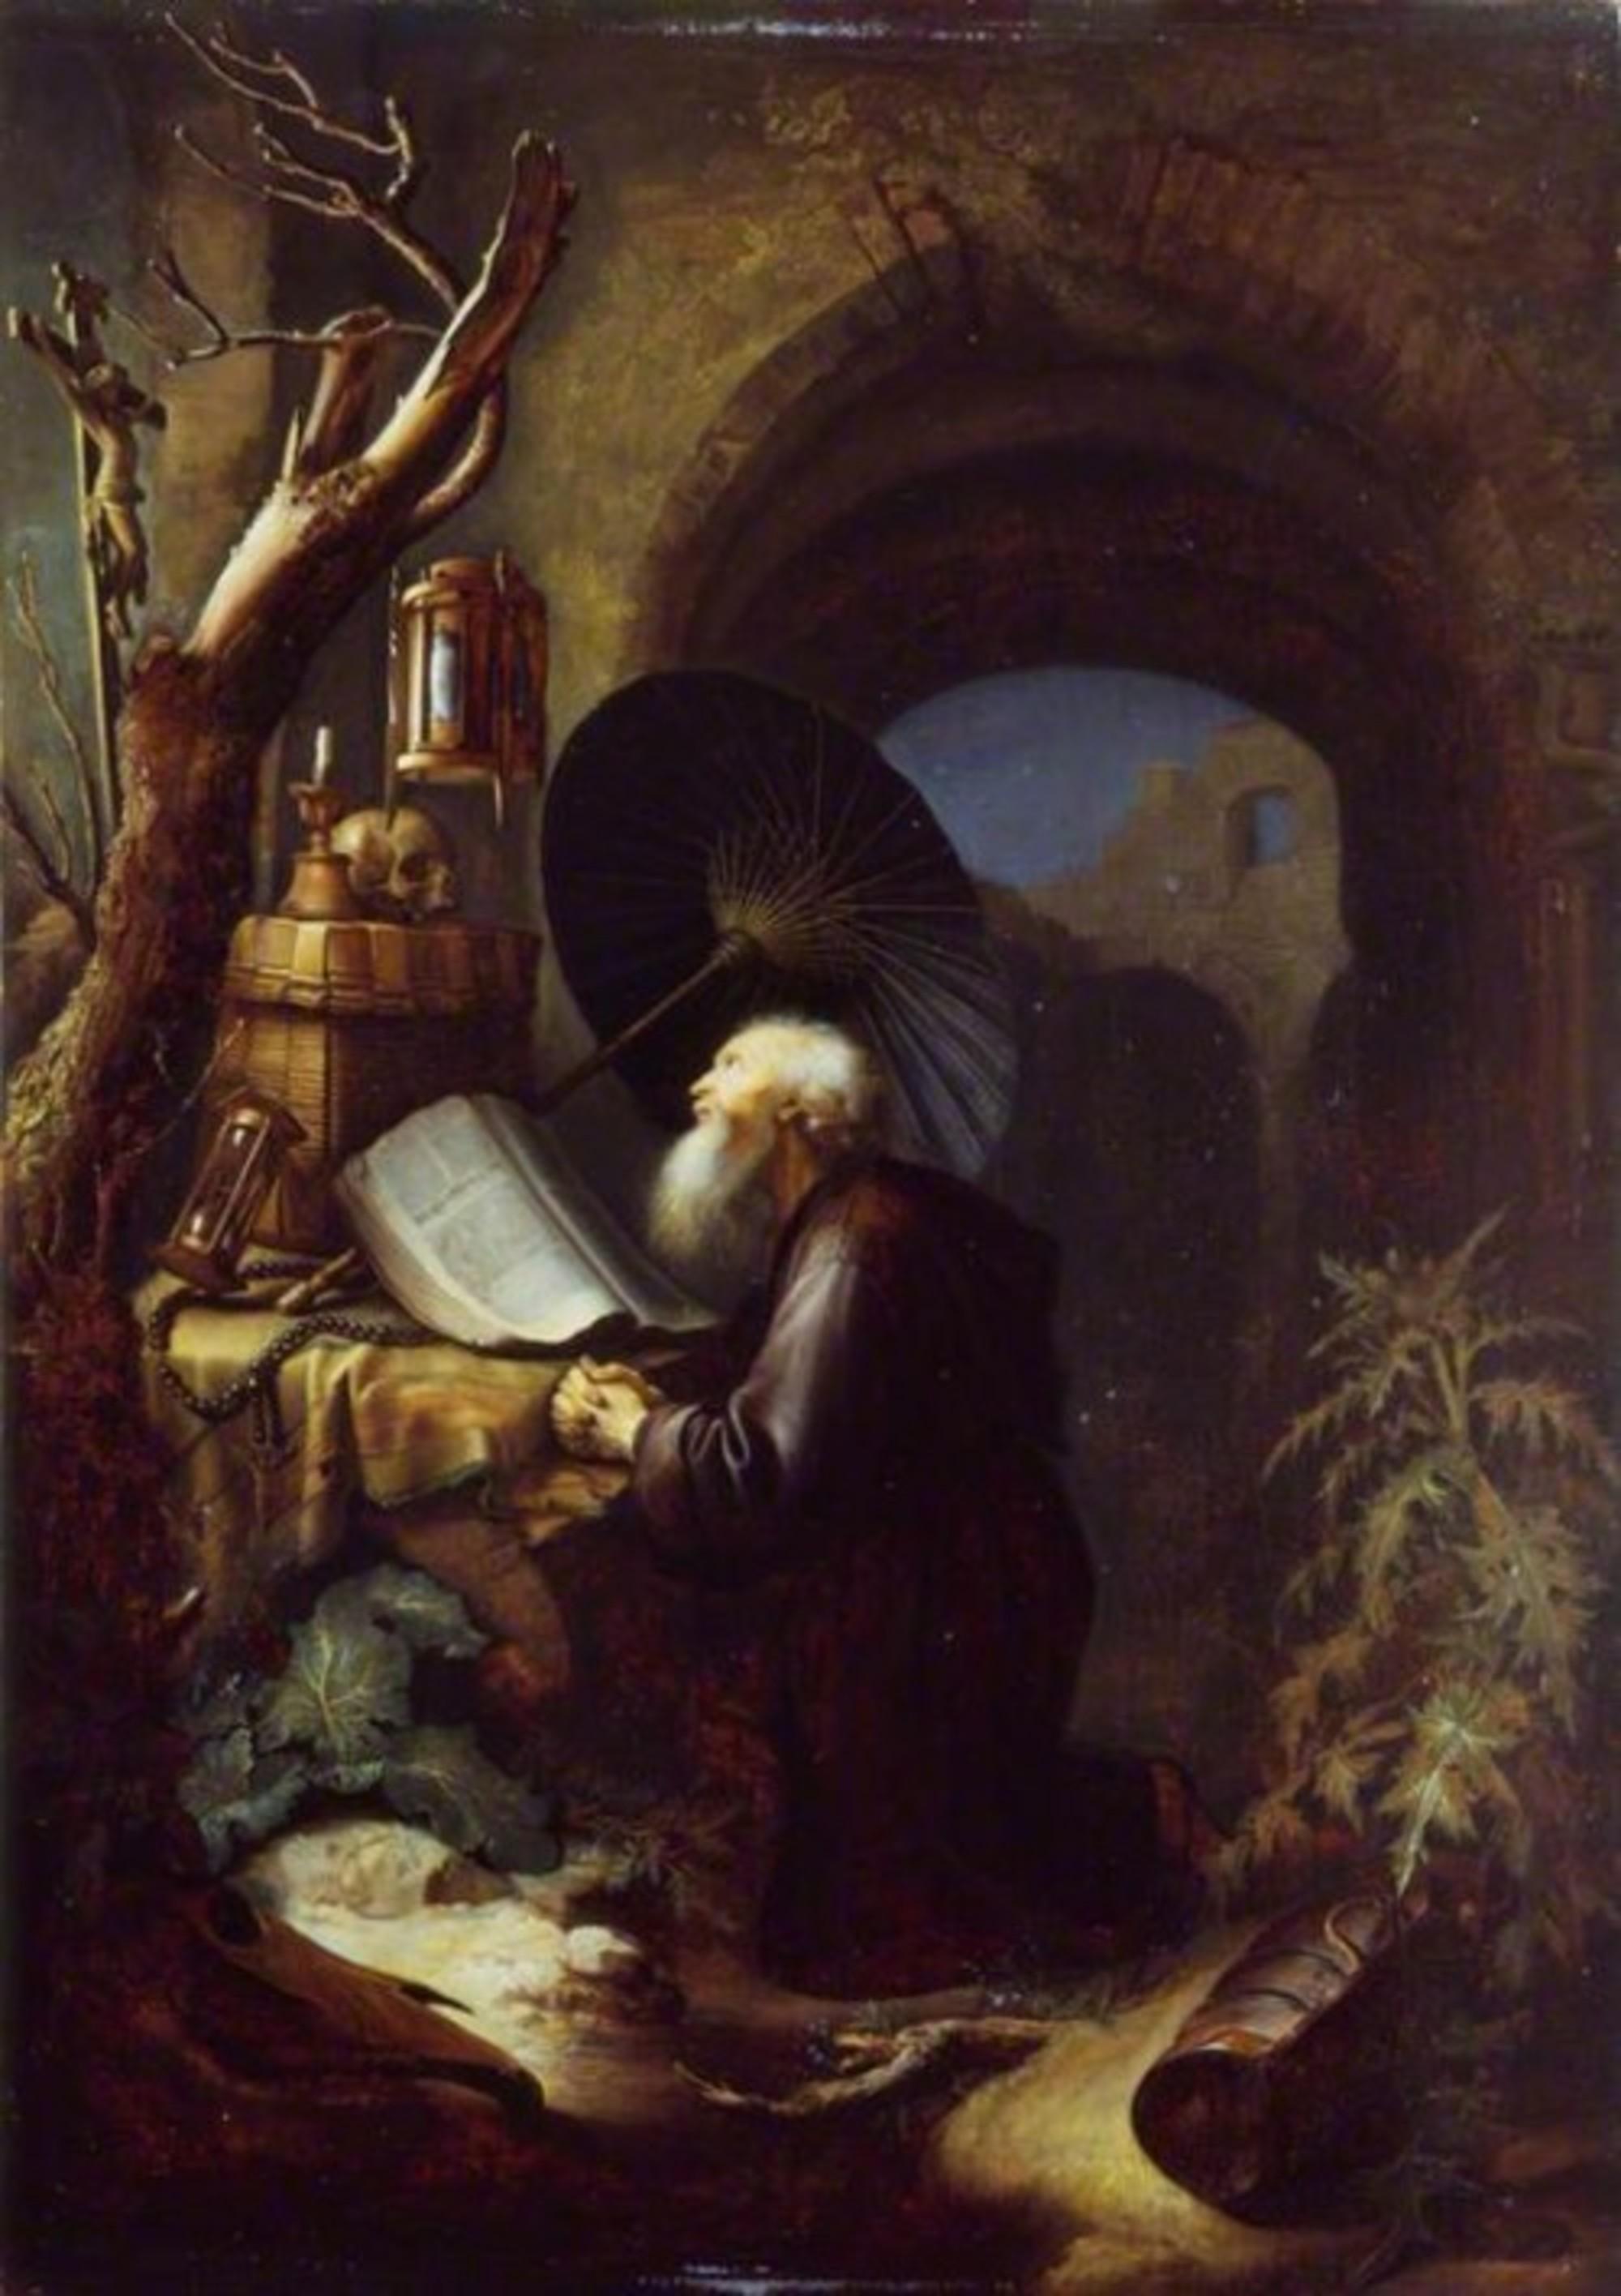 Studio-of-Gerard-Dou---A-Hermit-at-Prayer-WLC-WLC-P177.jpg